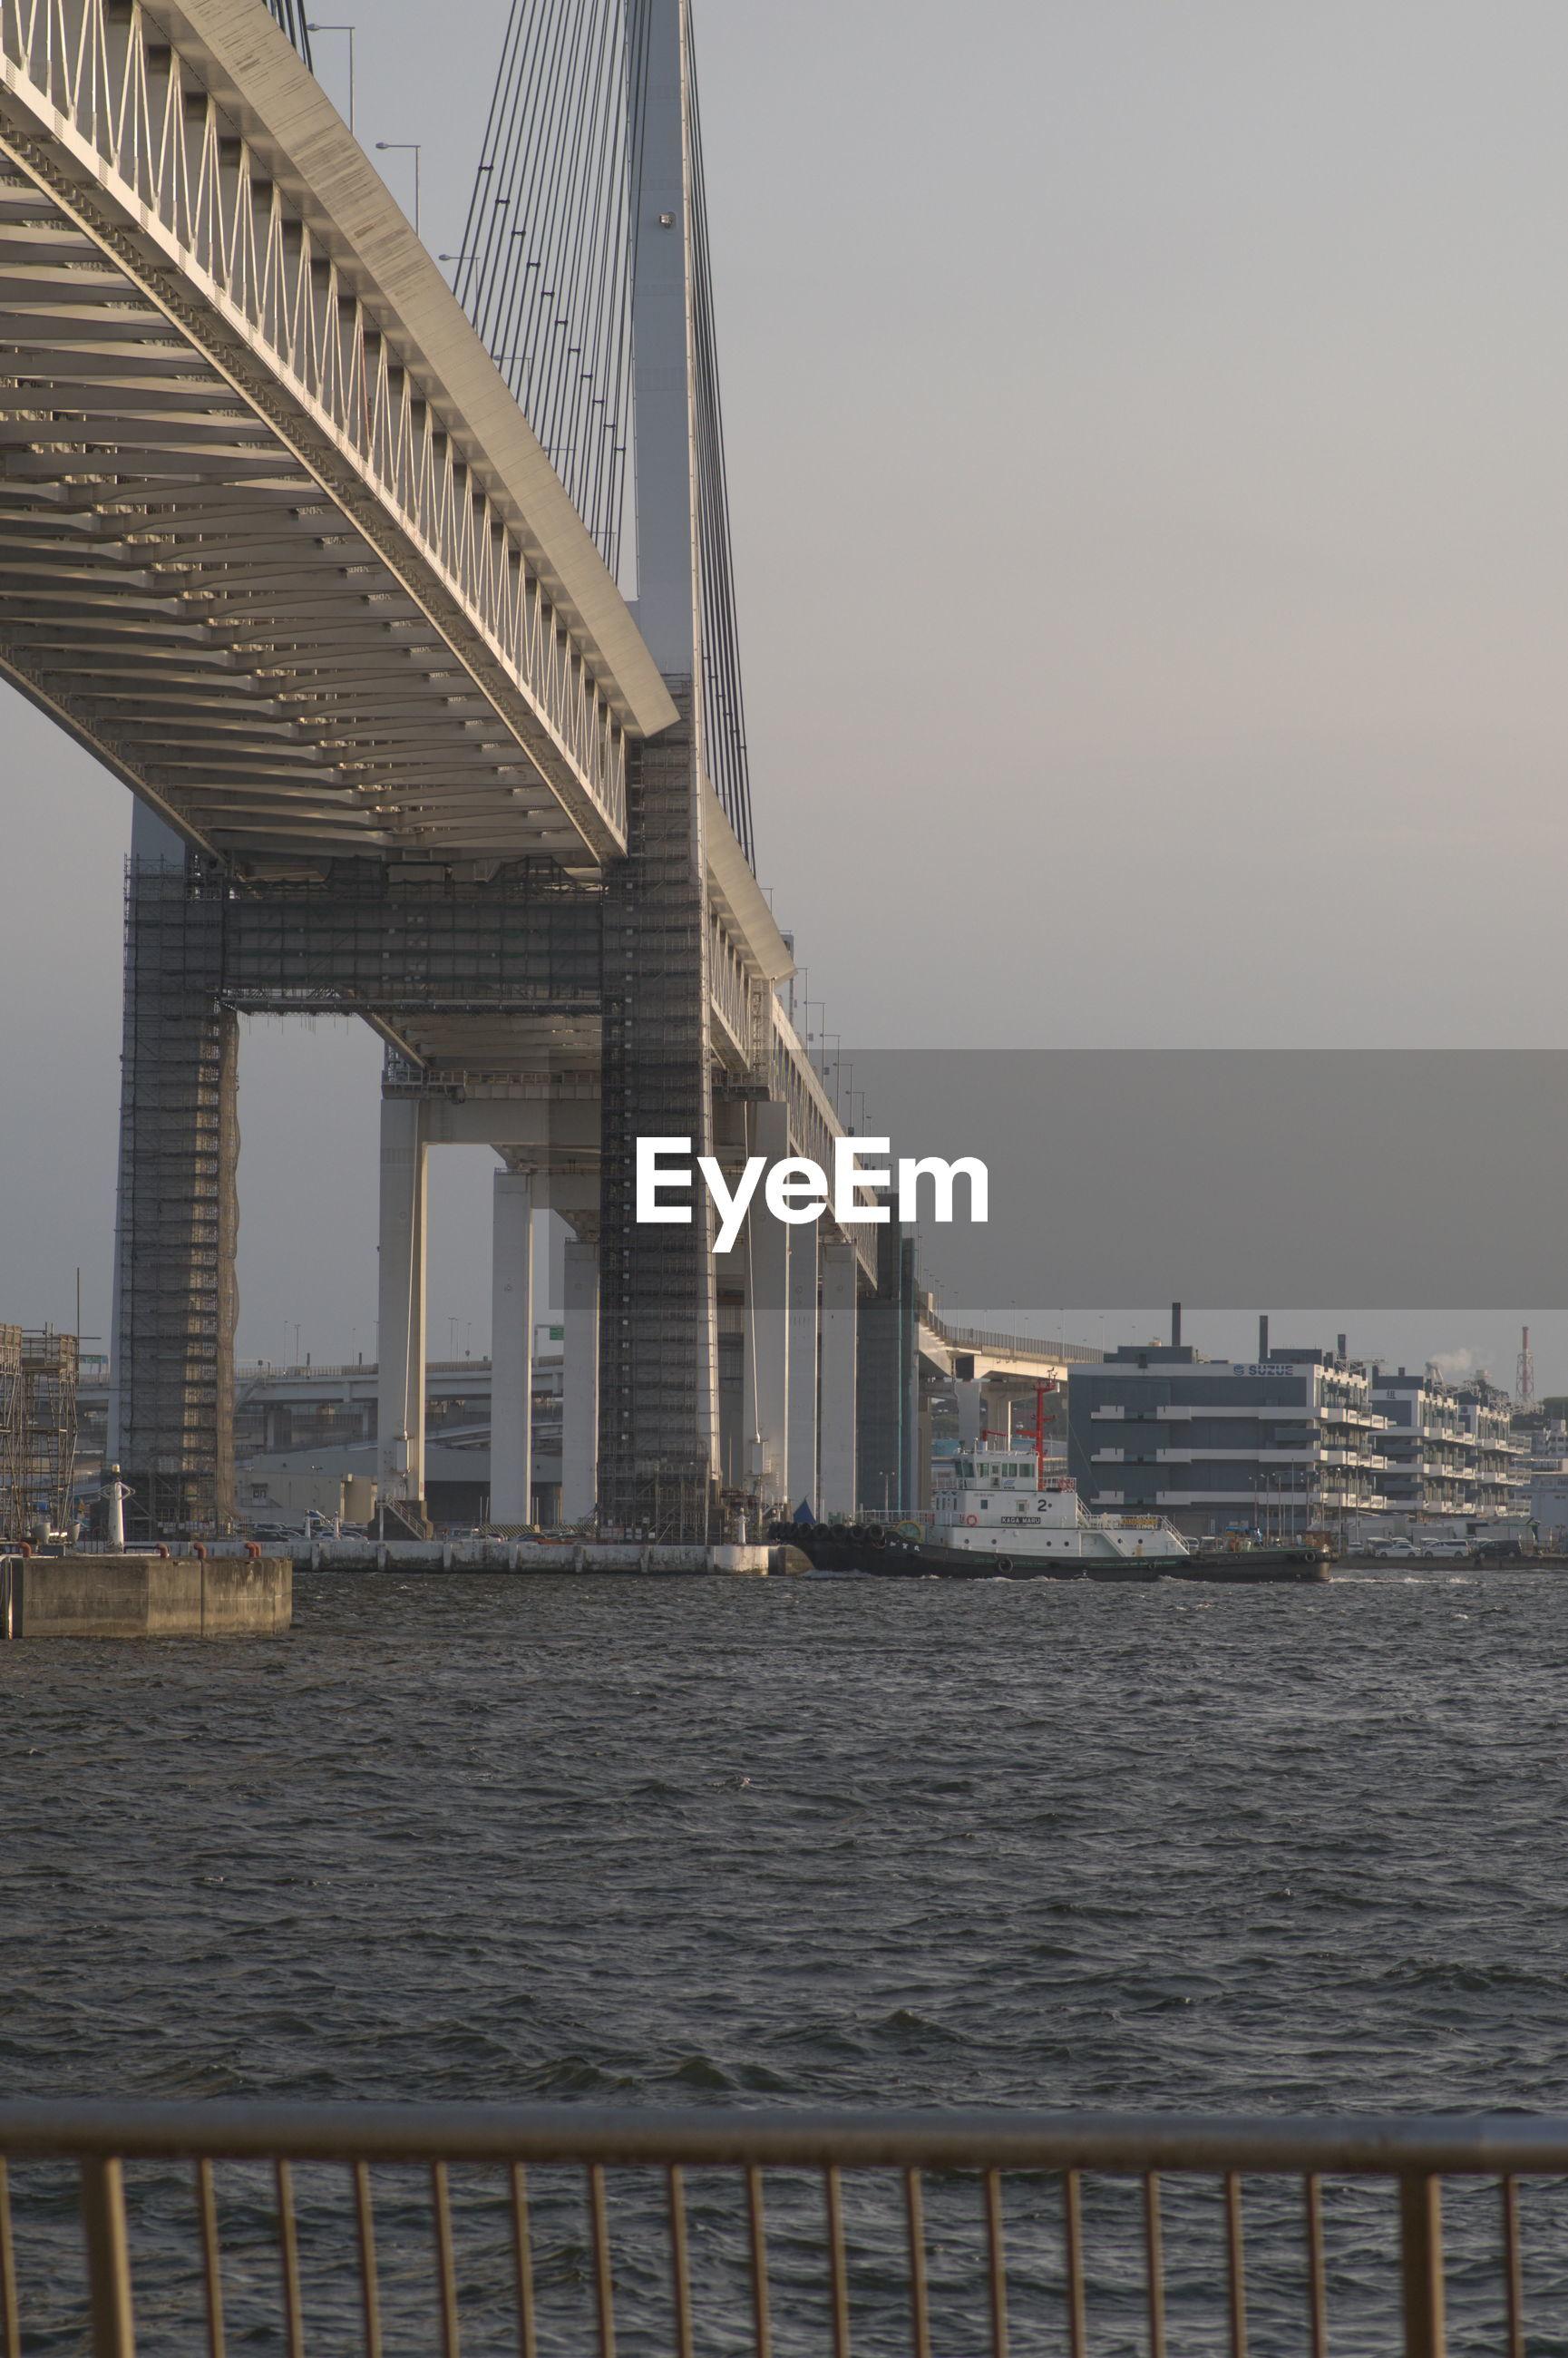 Bridge over sea by buildings against sky in city